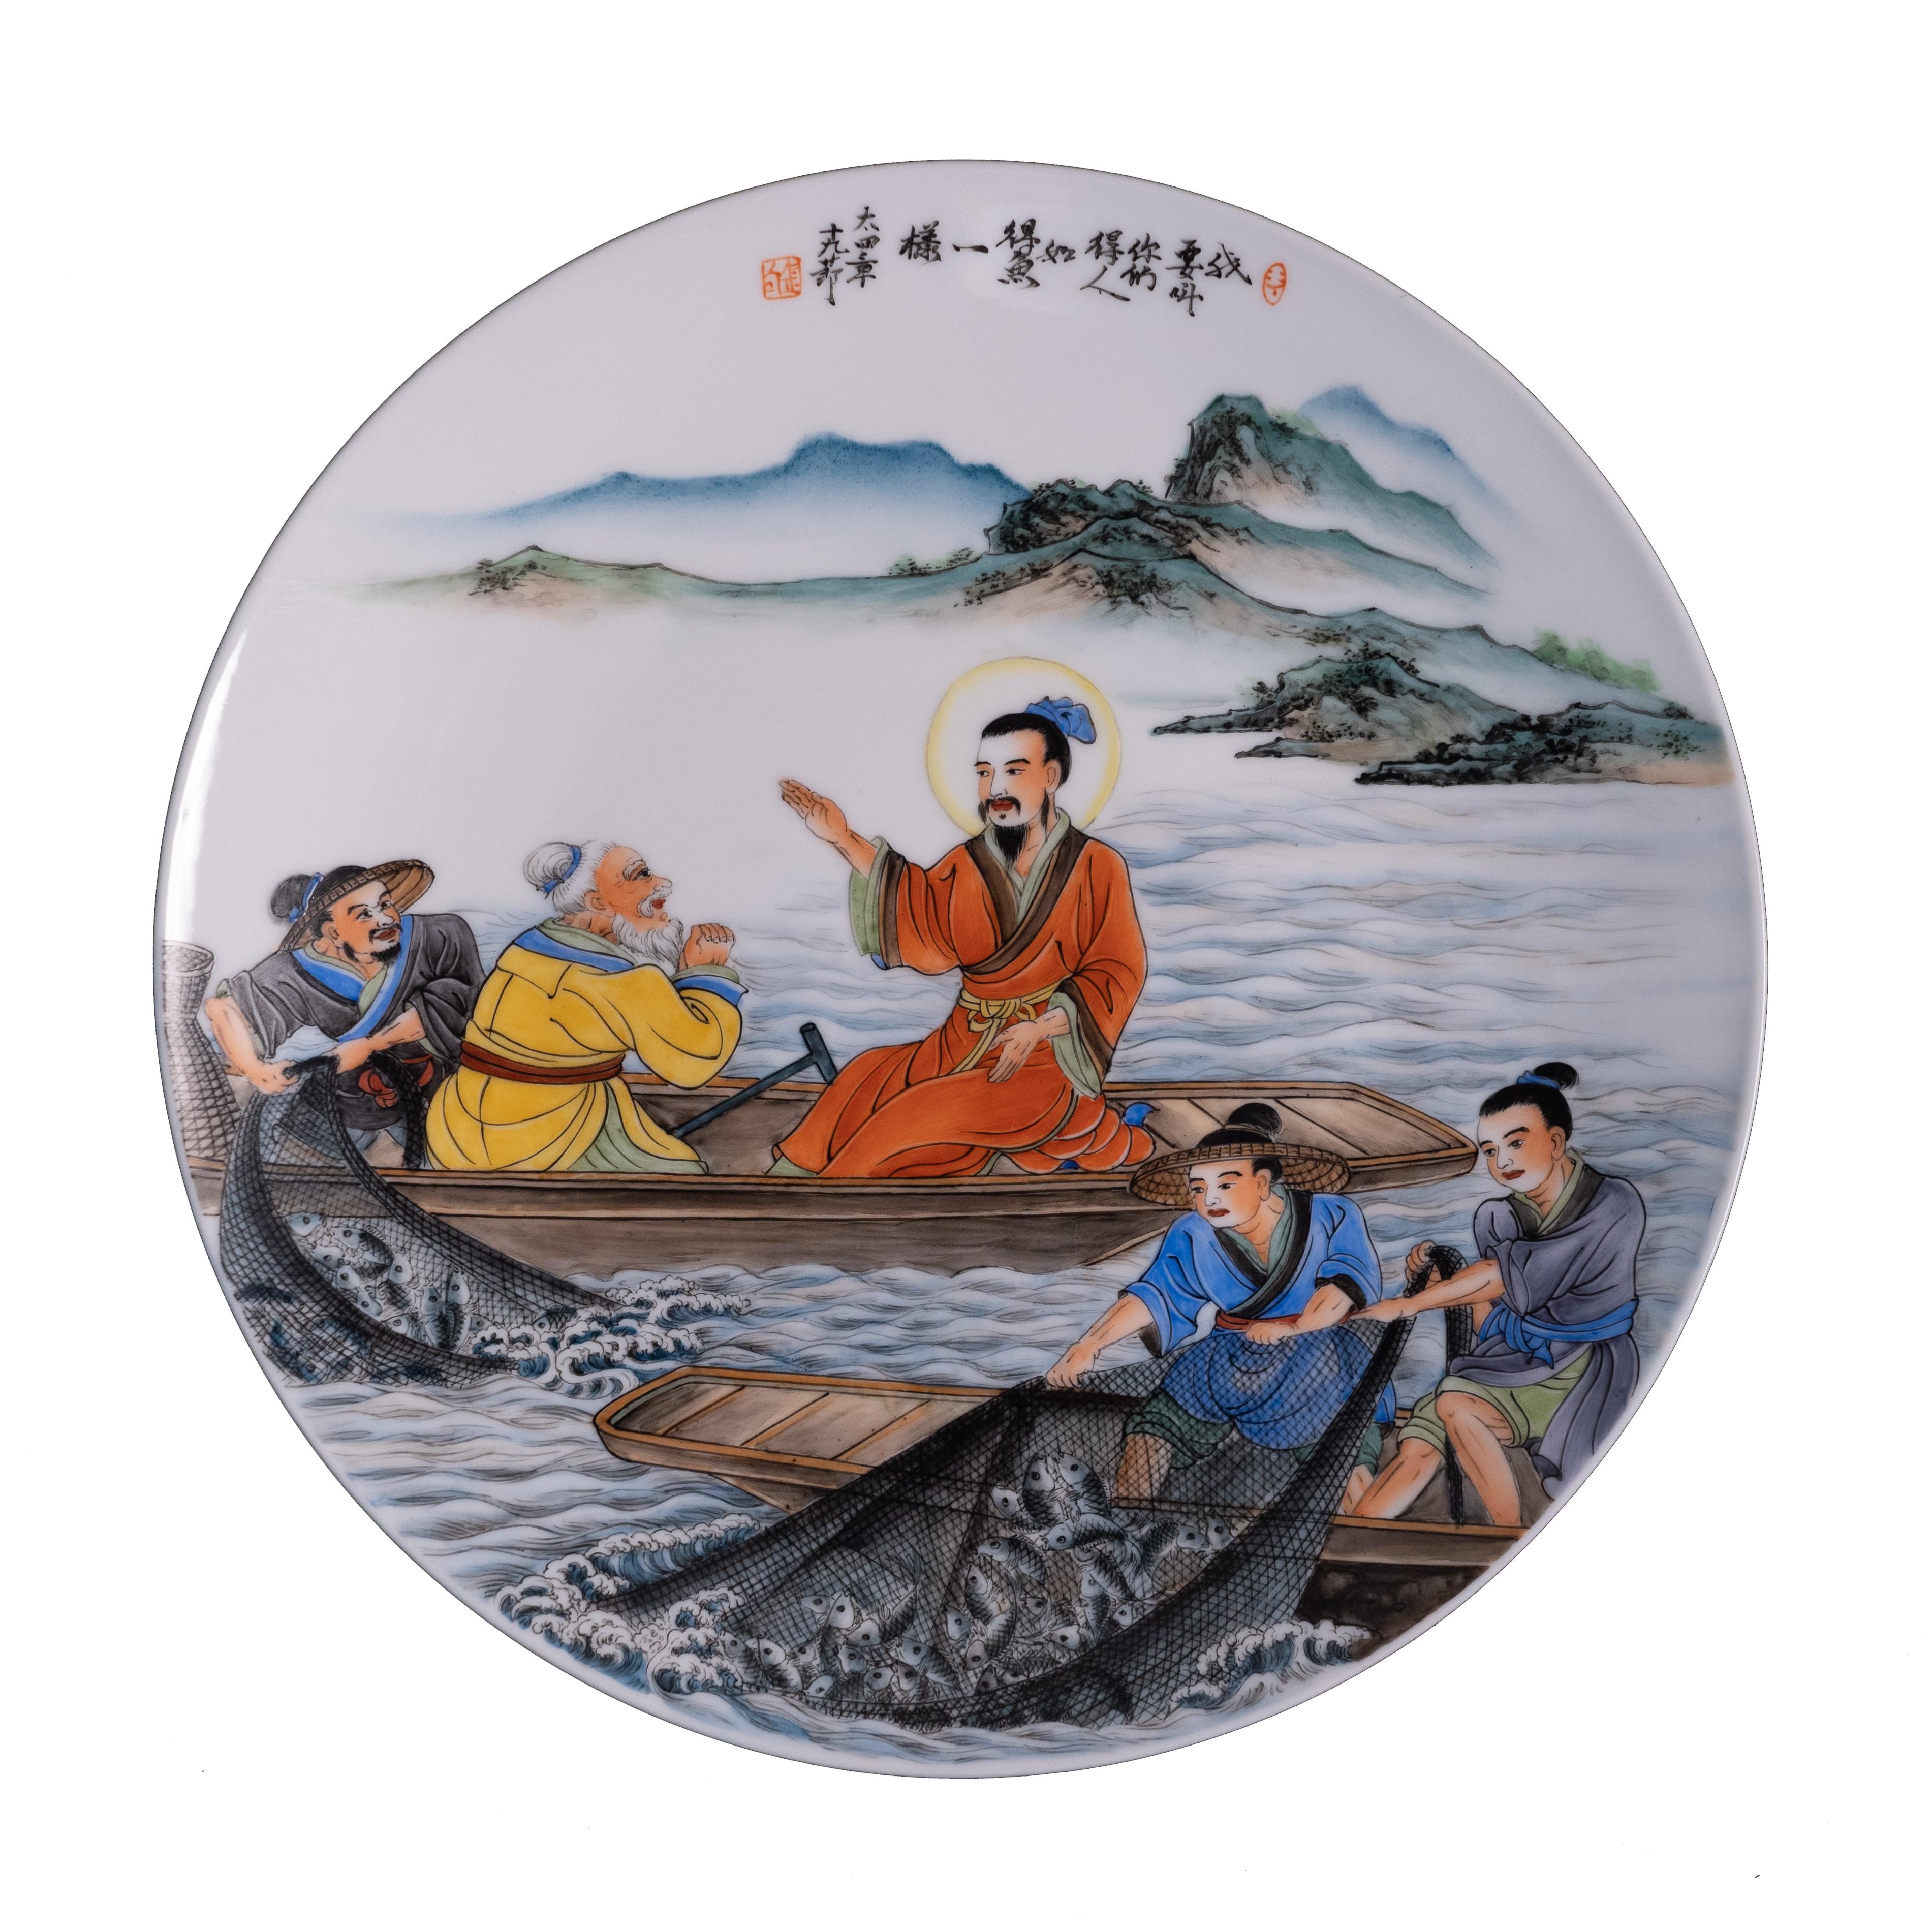 《彼得認耶穌為主》 ―― 道風山基督教叢林出產多款福音瓷碟,皆取材自《聖經》相關事蹟。圖片由道風山基督教叢林提供